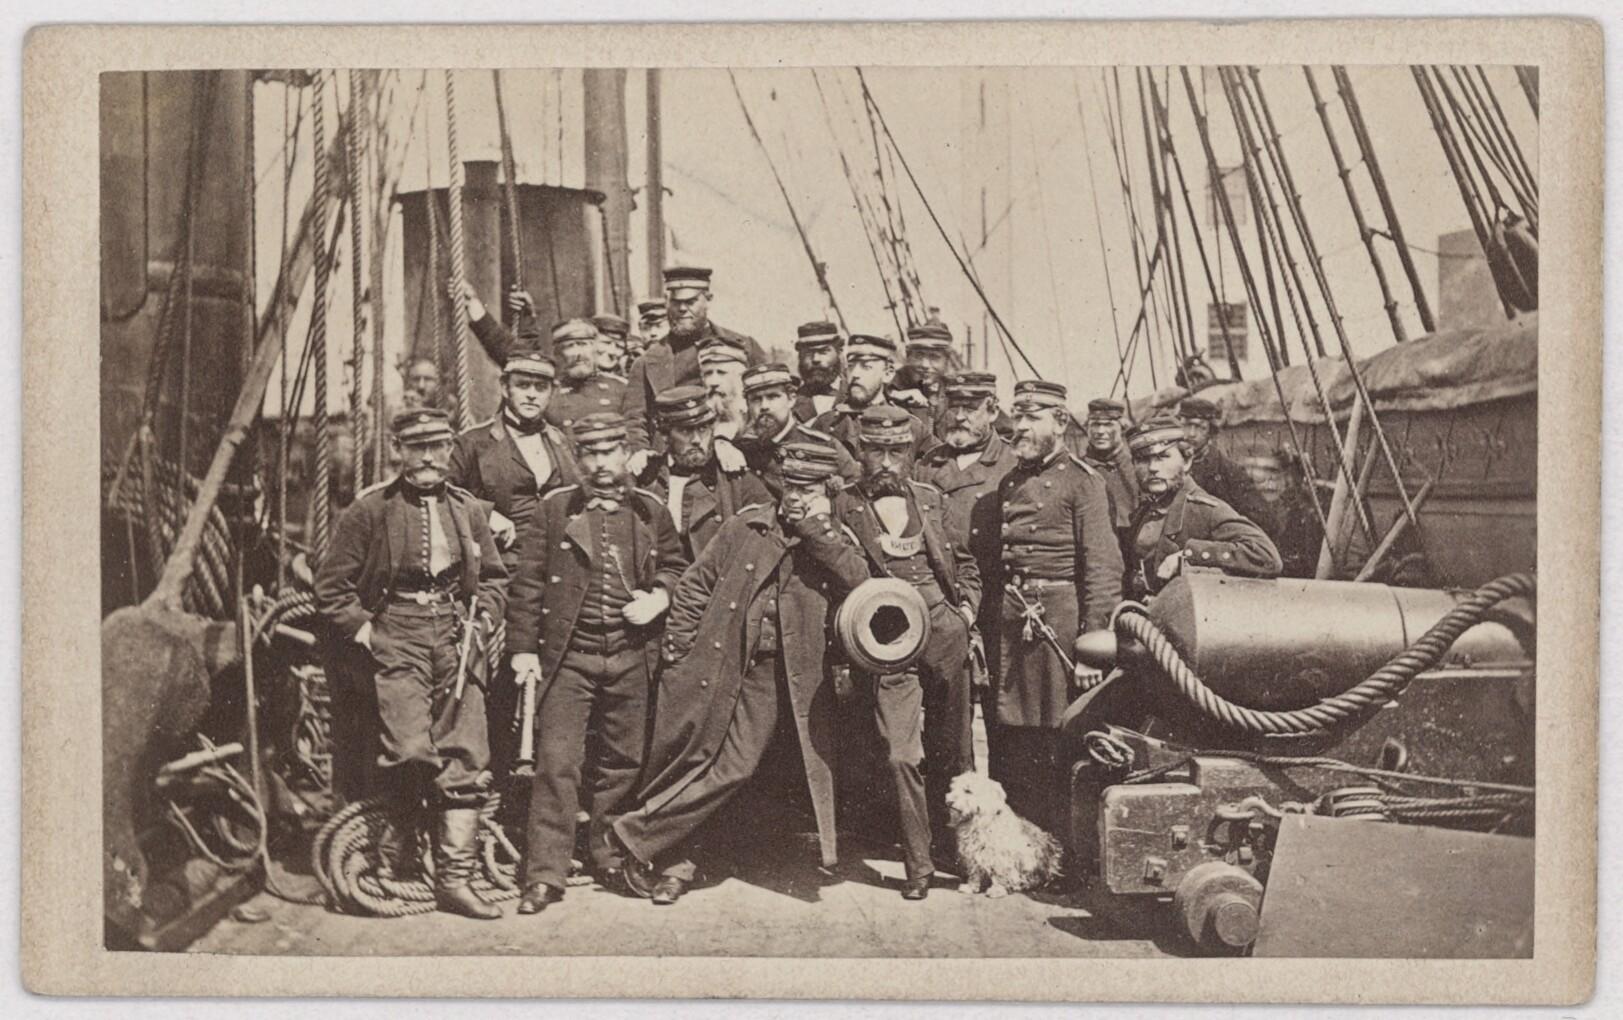 Fregatten Jyllands officerer i 1864. Fregatten deltog i slaget ved Helgoland, hvor den danske flåde sendte fjendtlige fartøjer på flugt. Det Kgl. Bibliotek.